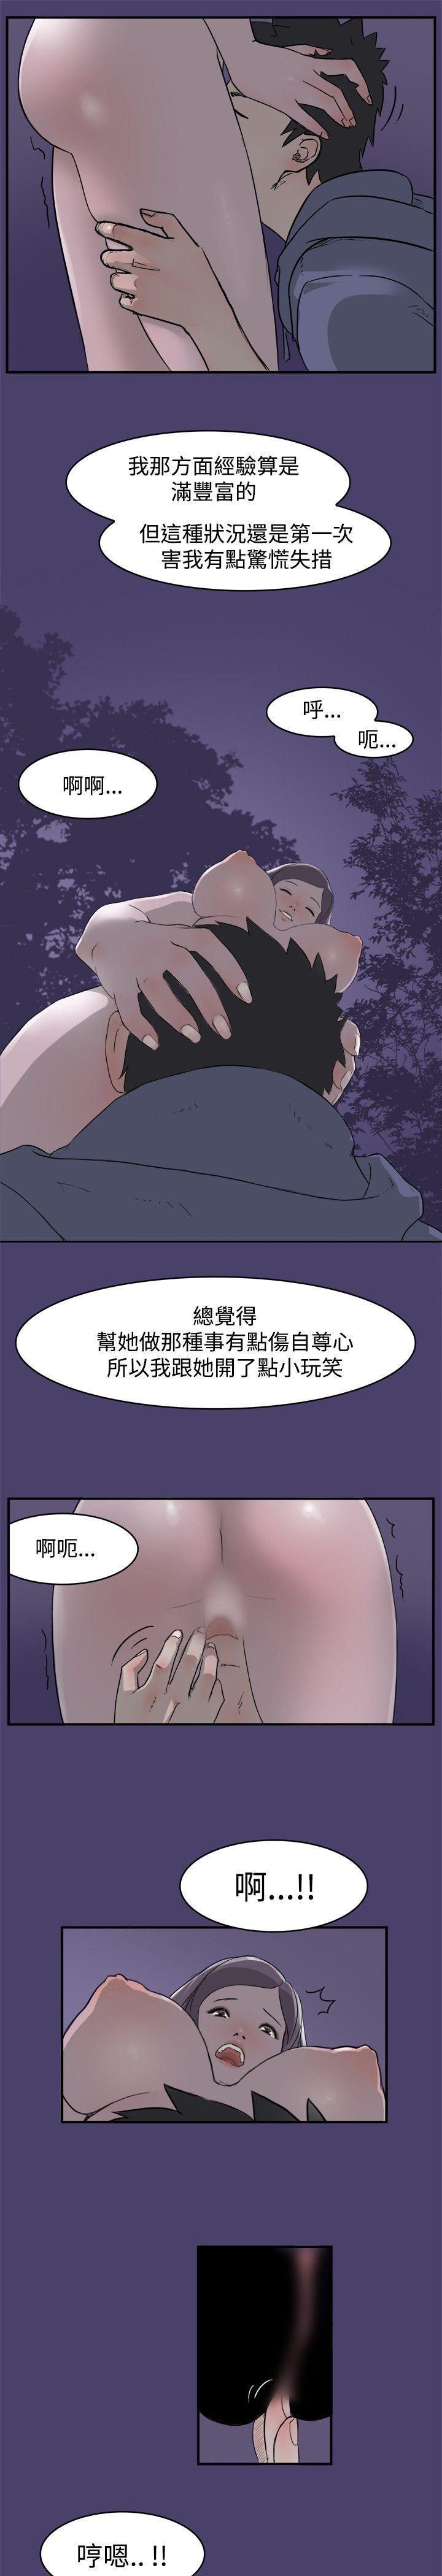 清纯偶像的深夜直播 第1-2话